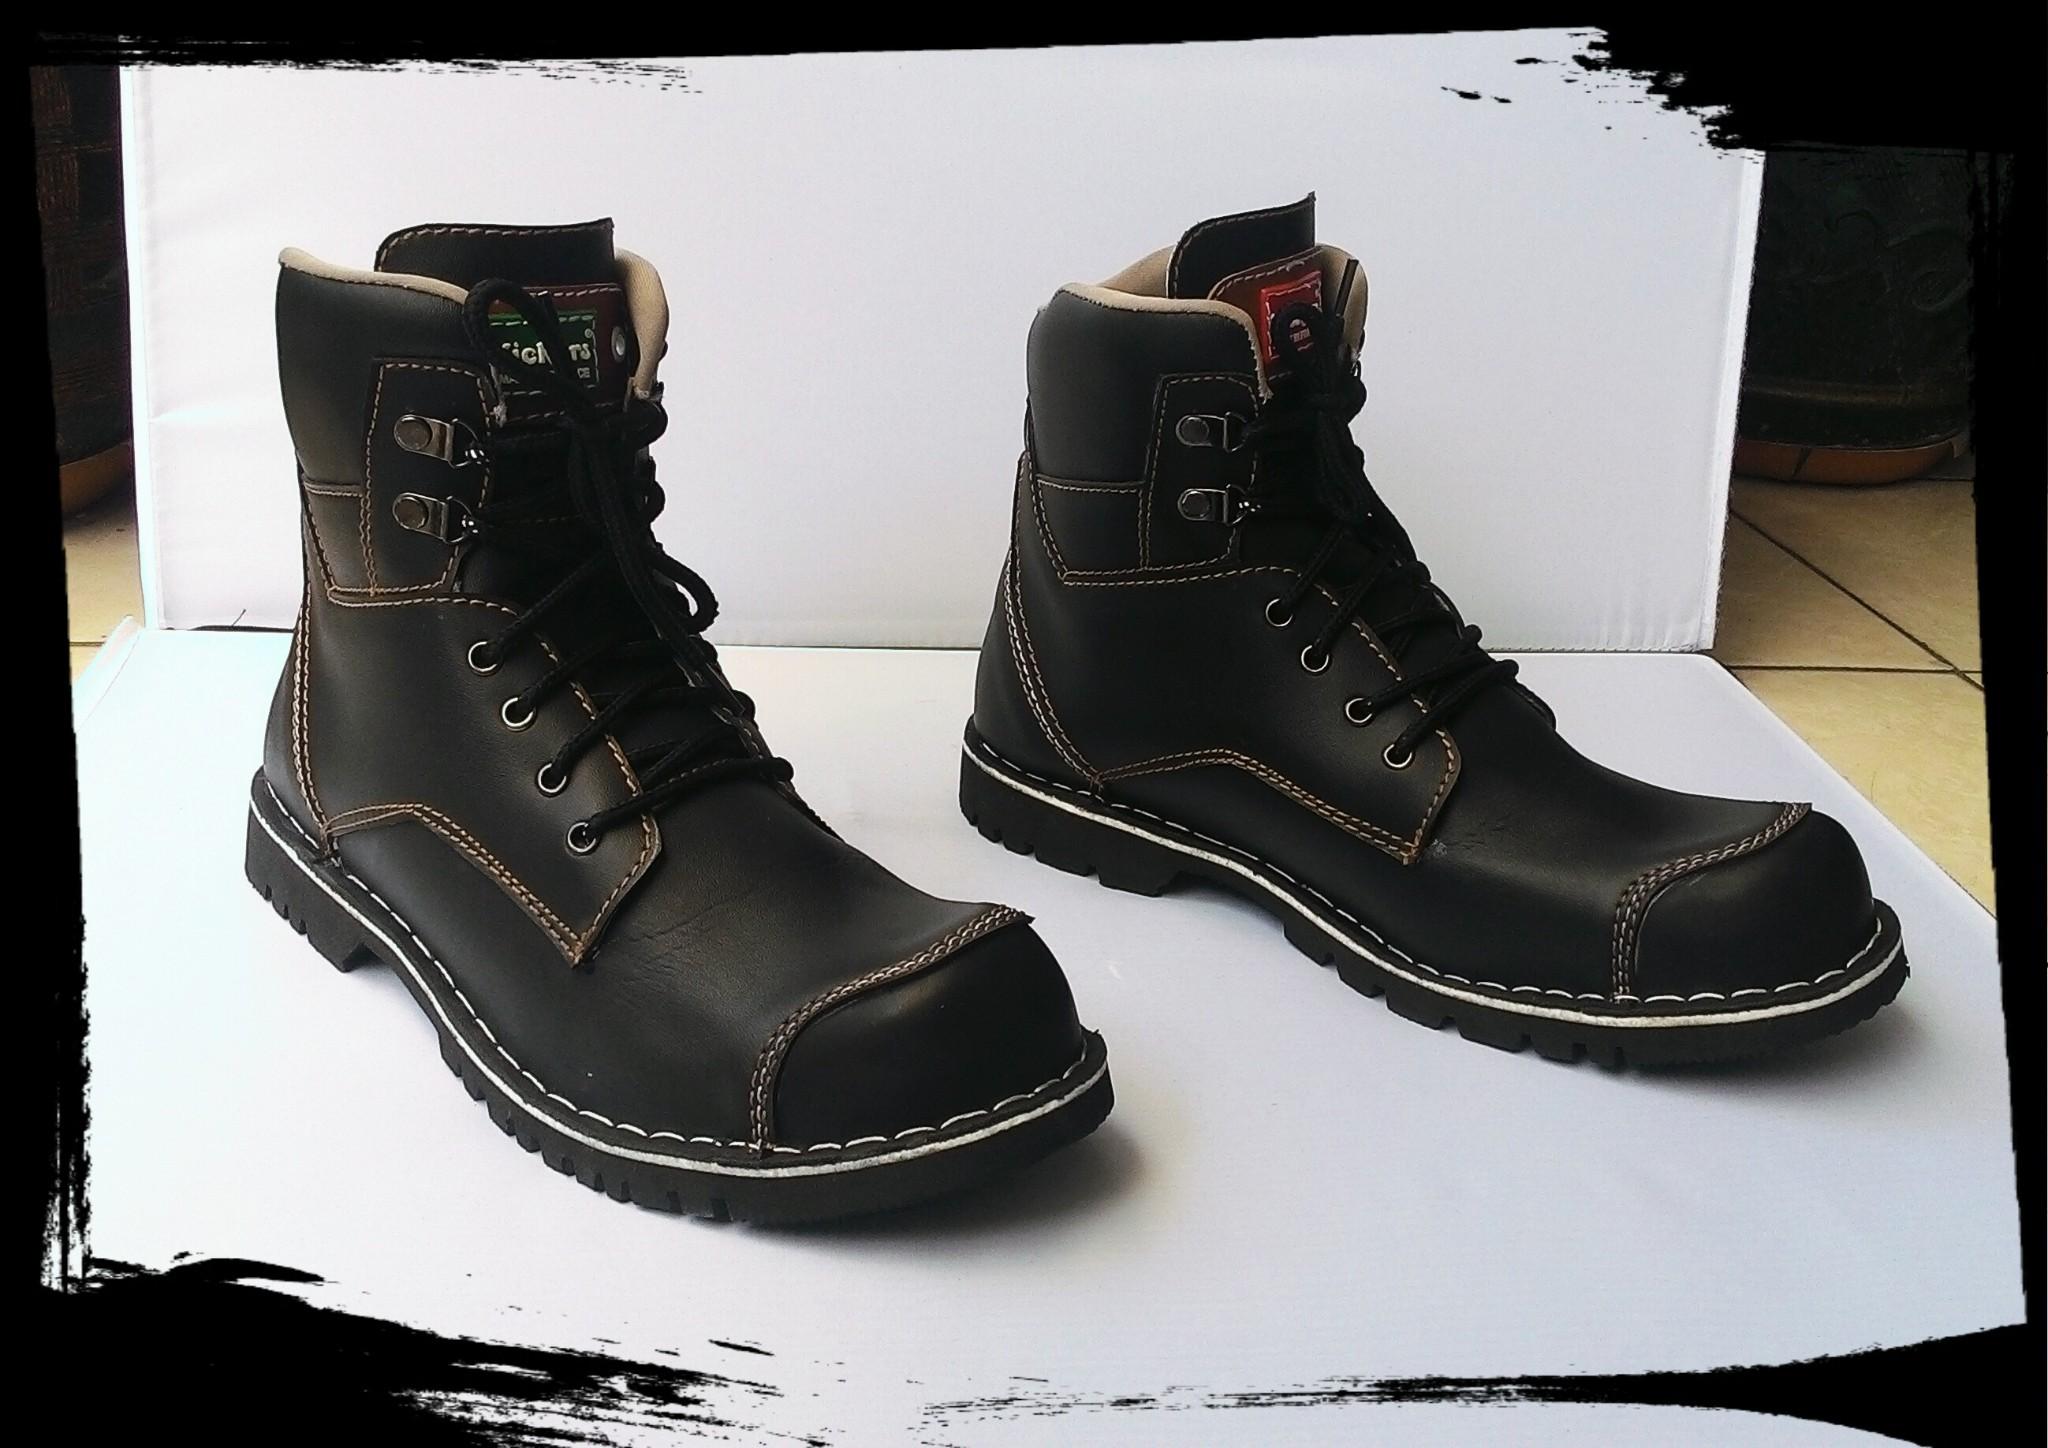 Jual Sepatu Boots Kickers Safety Warna Hitam Licin Sol Karet Mentah Laavoila